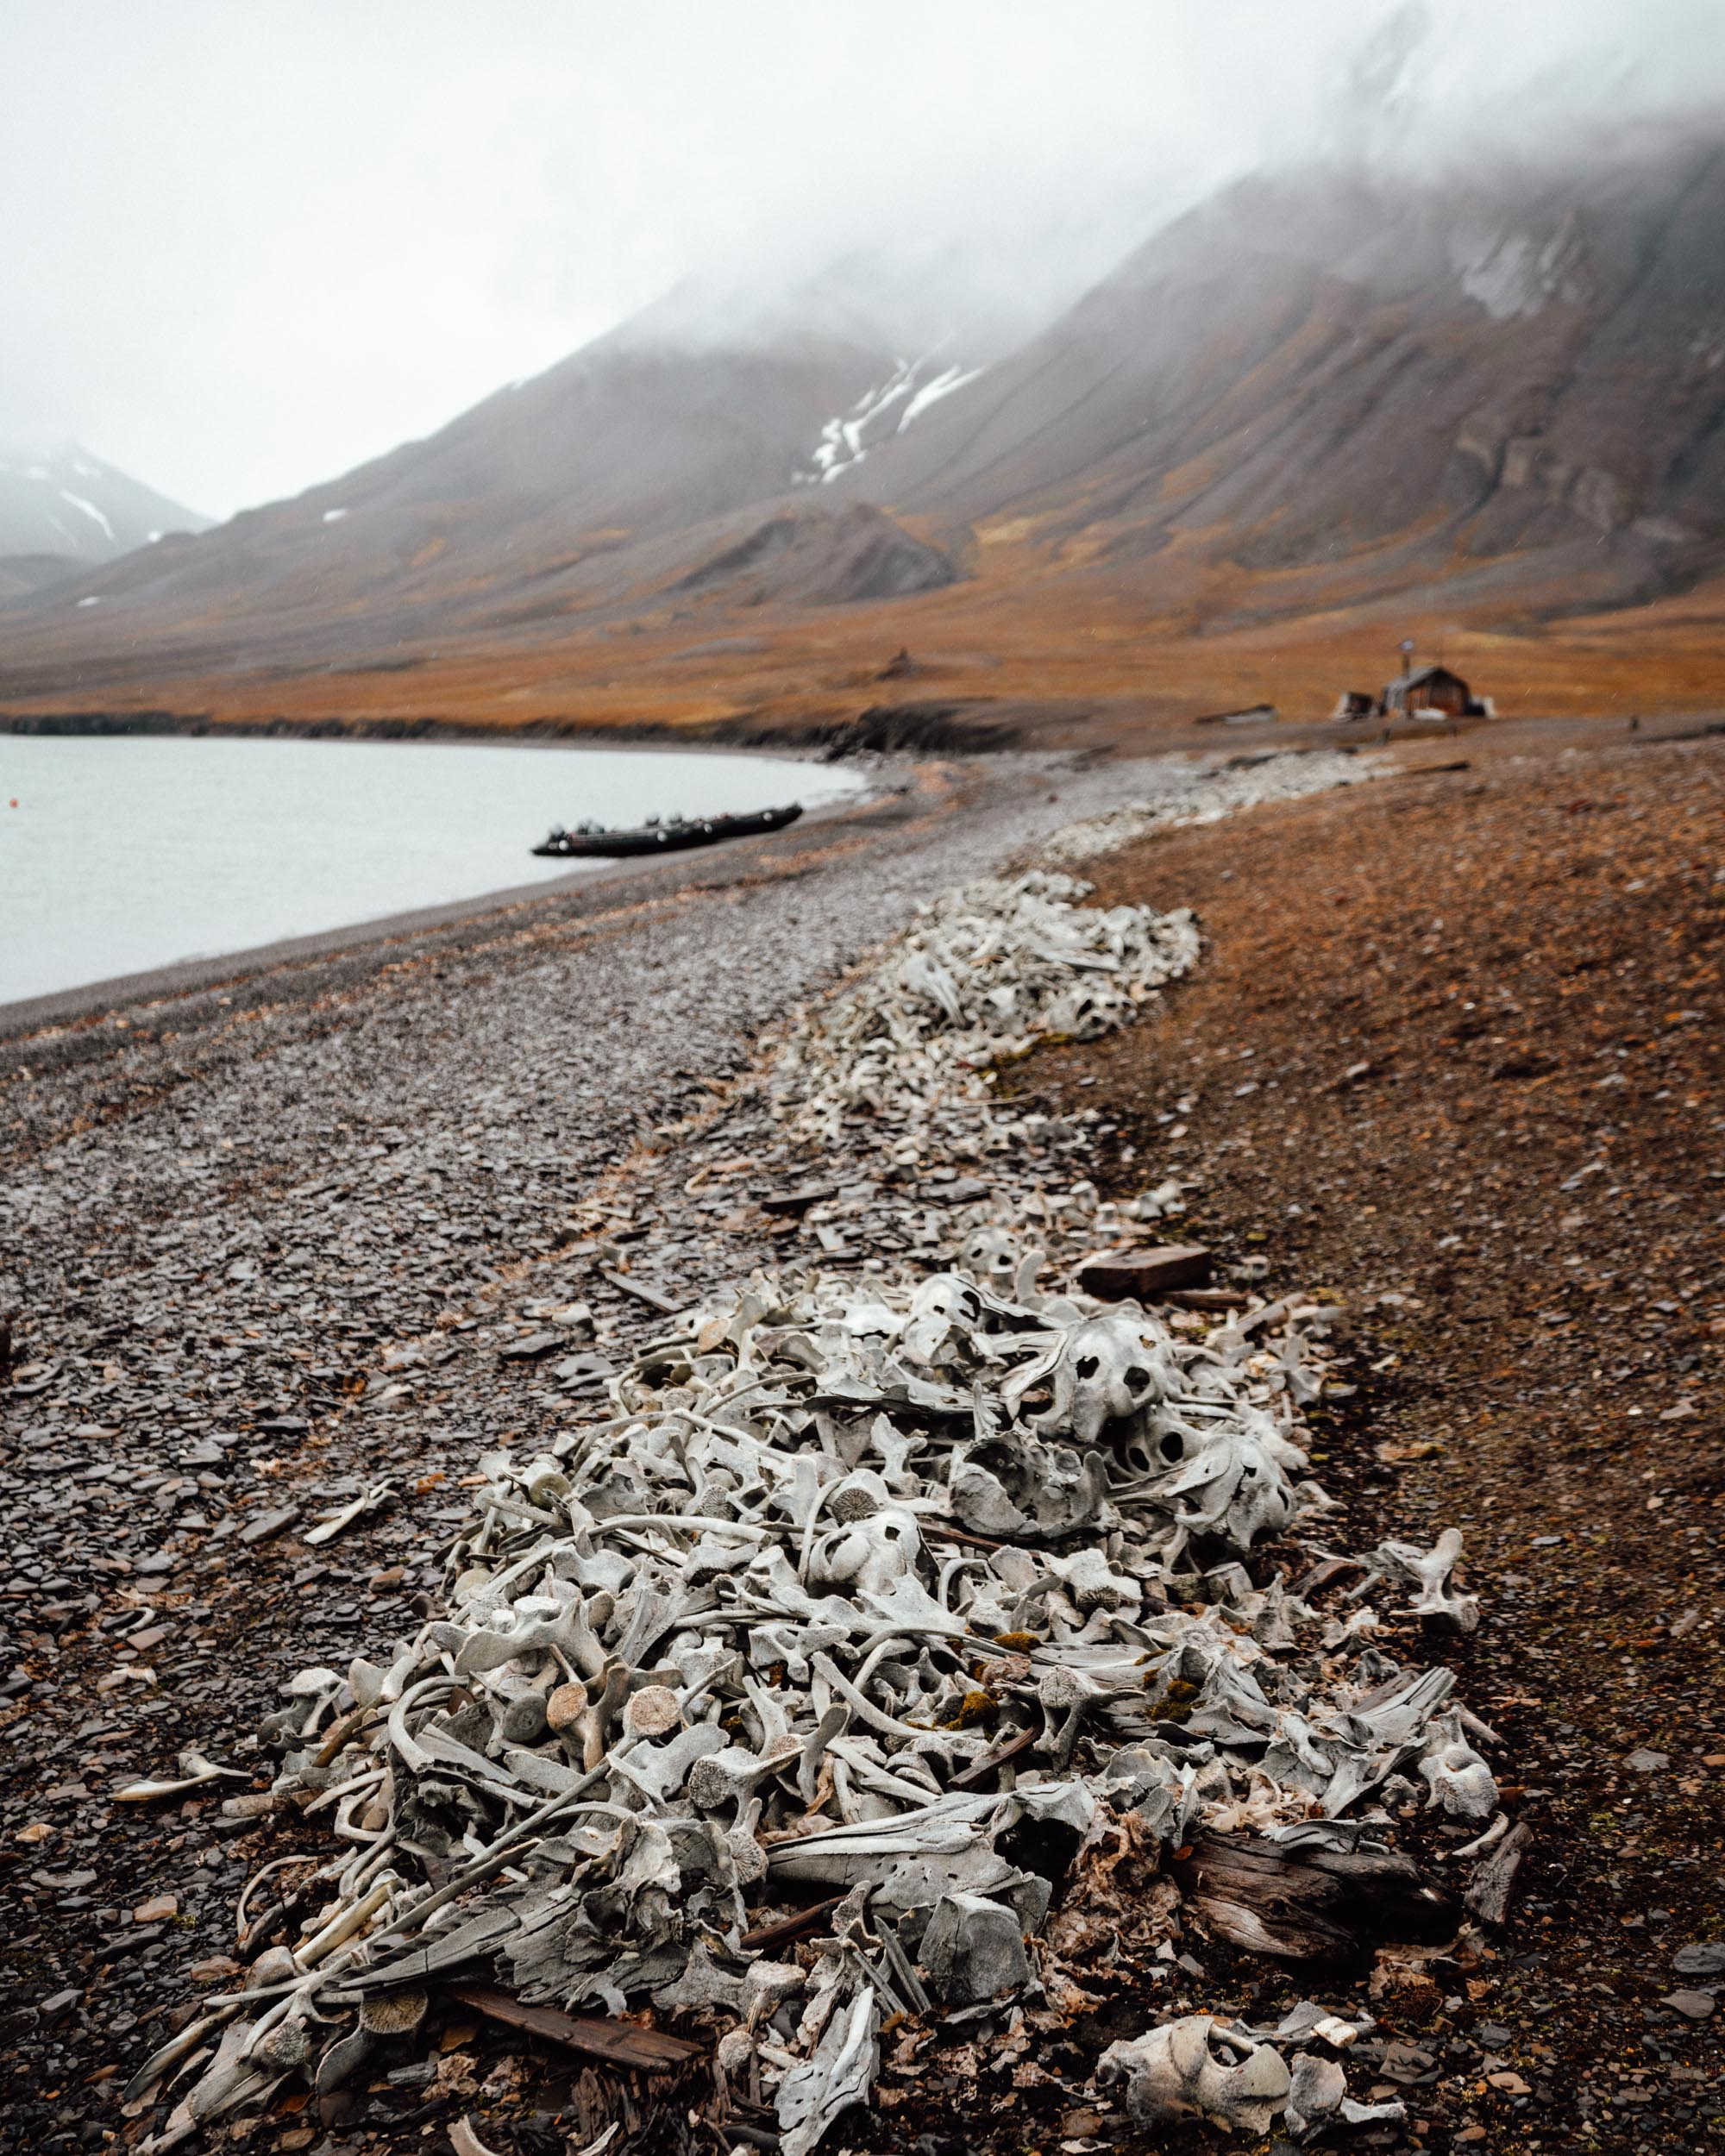 Recherchefjorden beluga whale watching research station in Svalbard, Spitsbergen, Norway